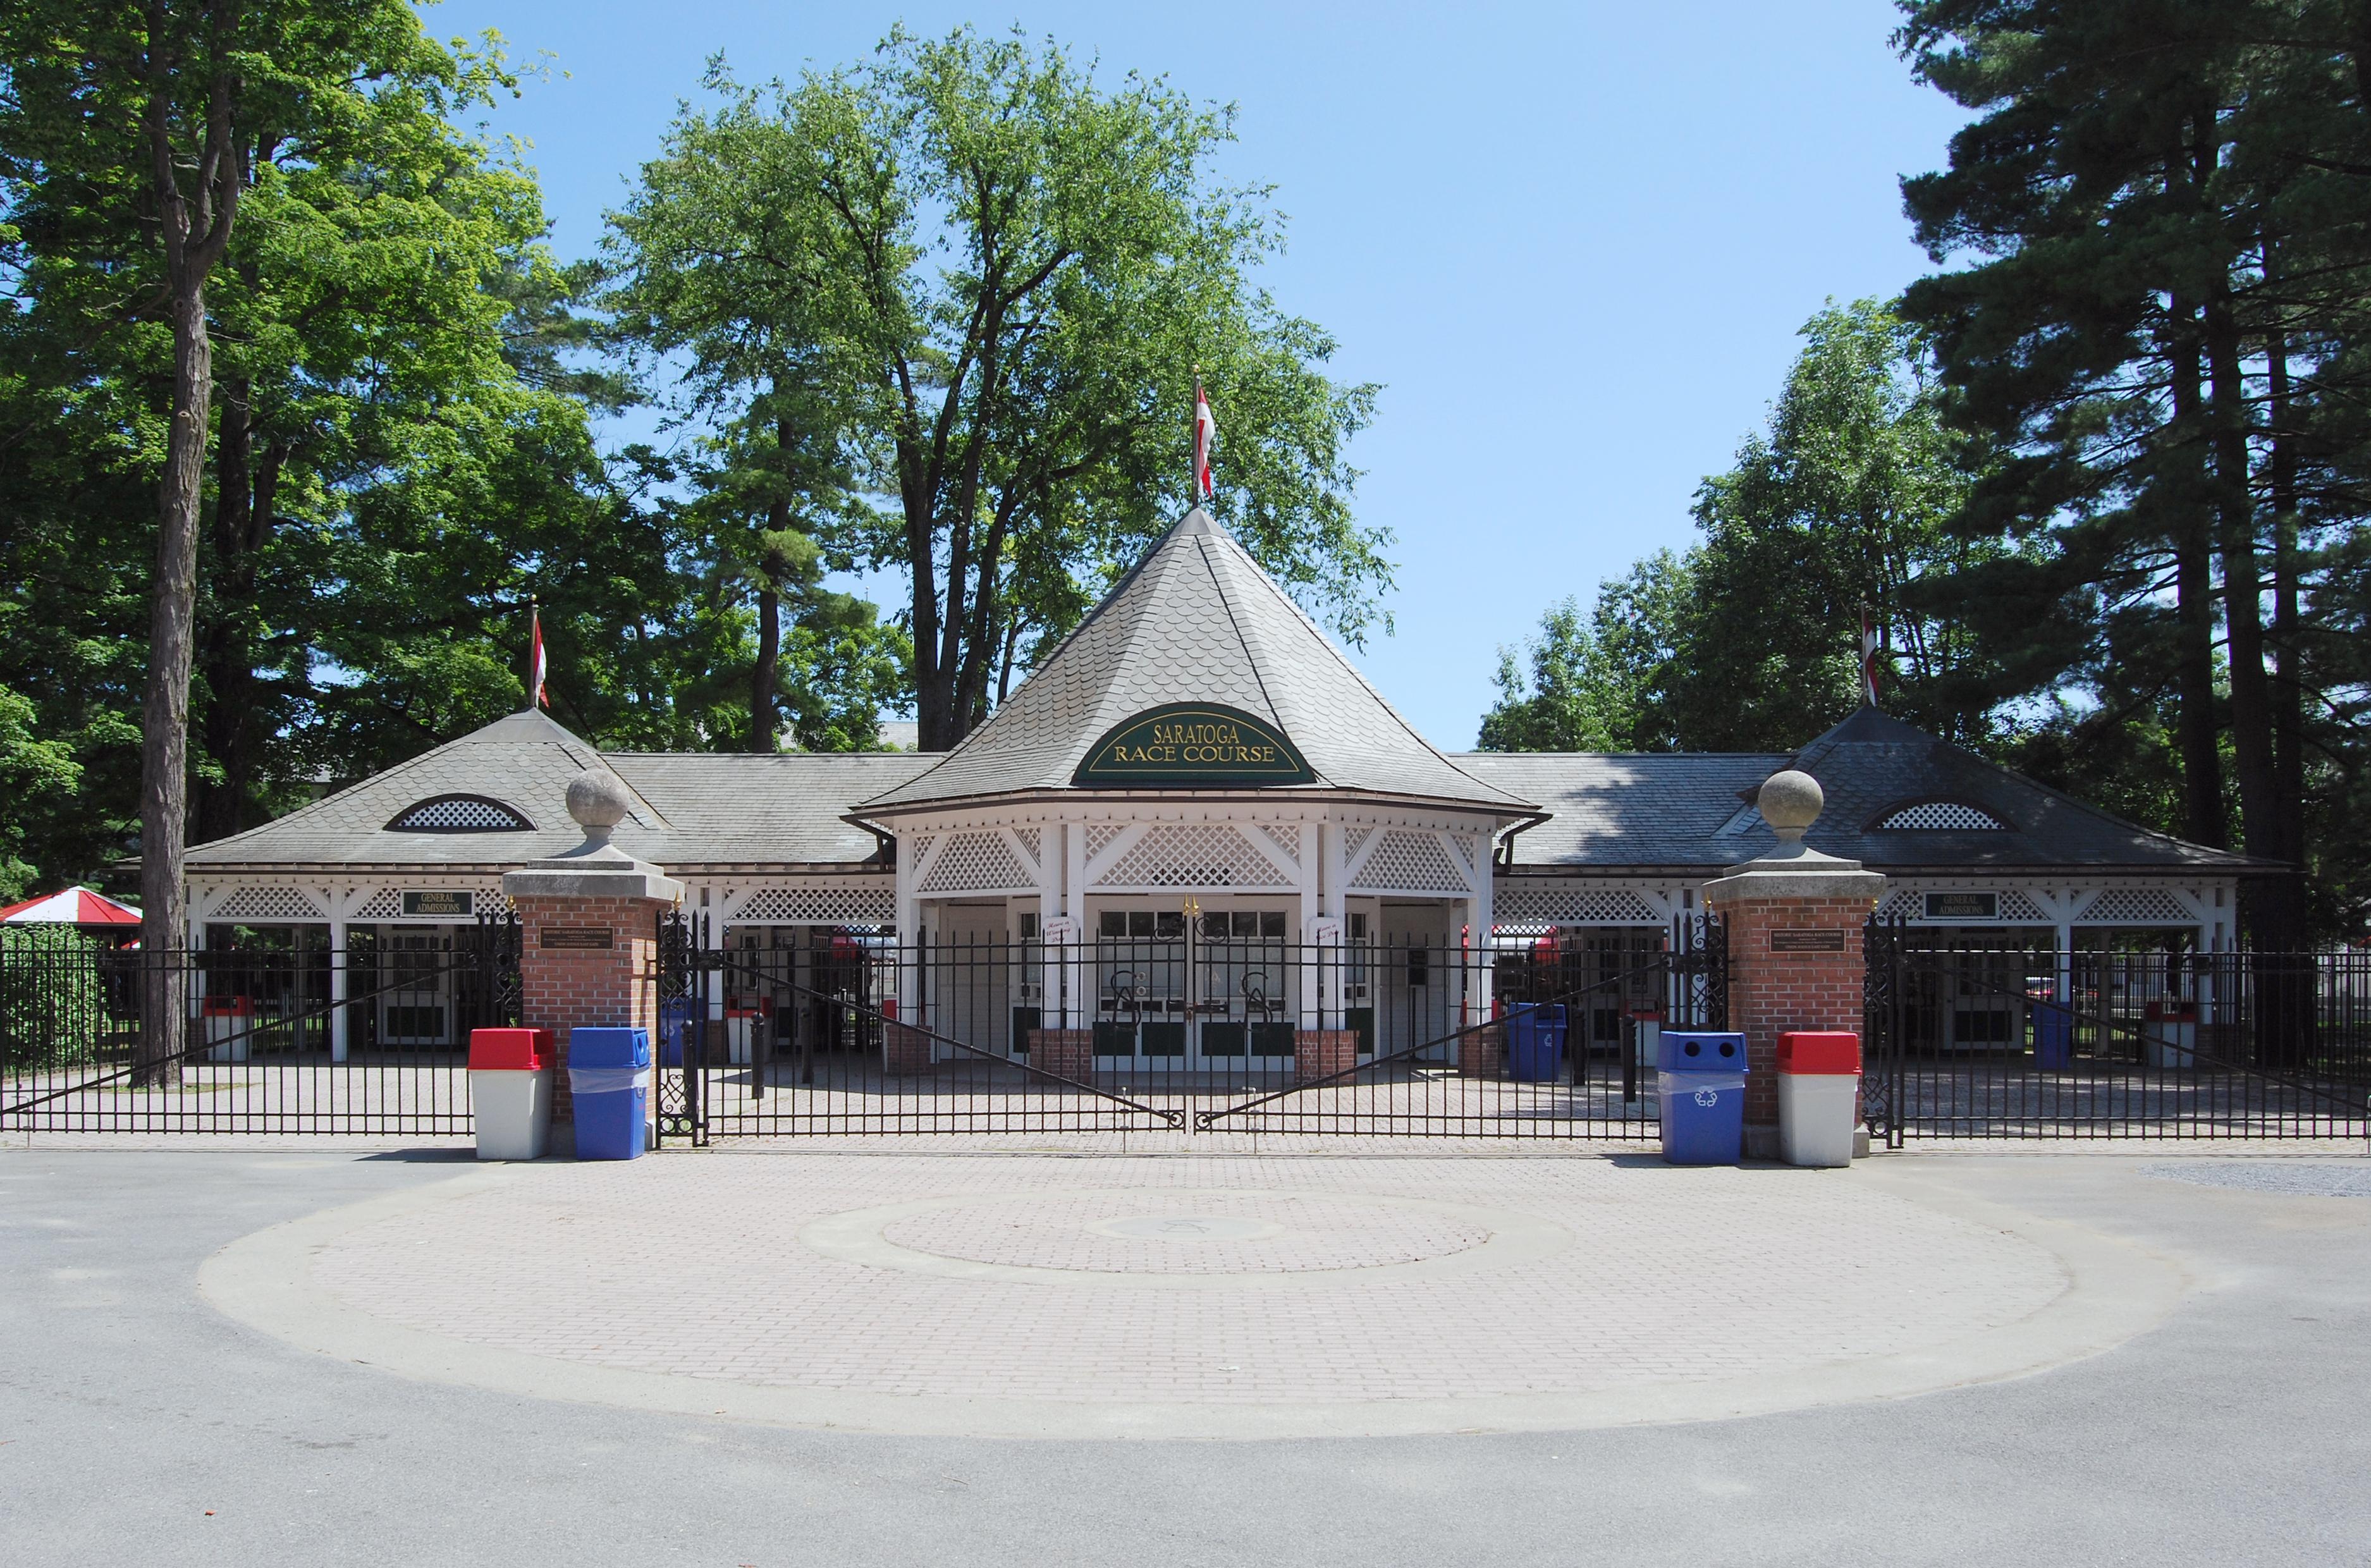 Saratoga Race Course Wikipedia